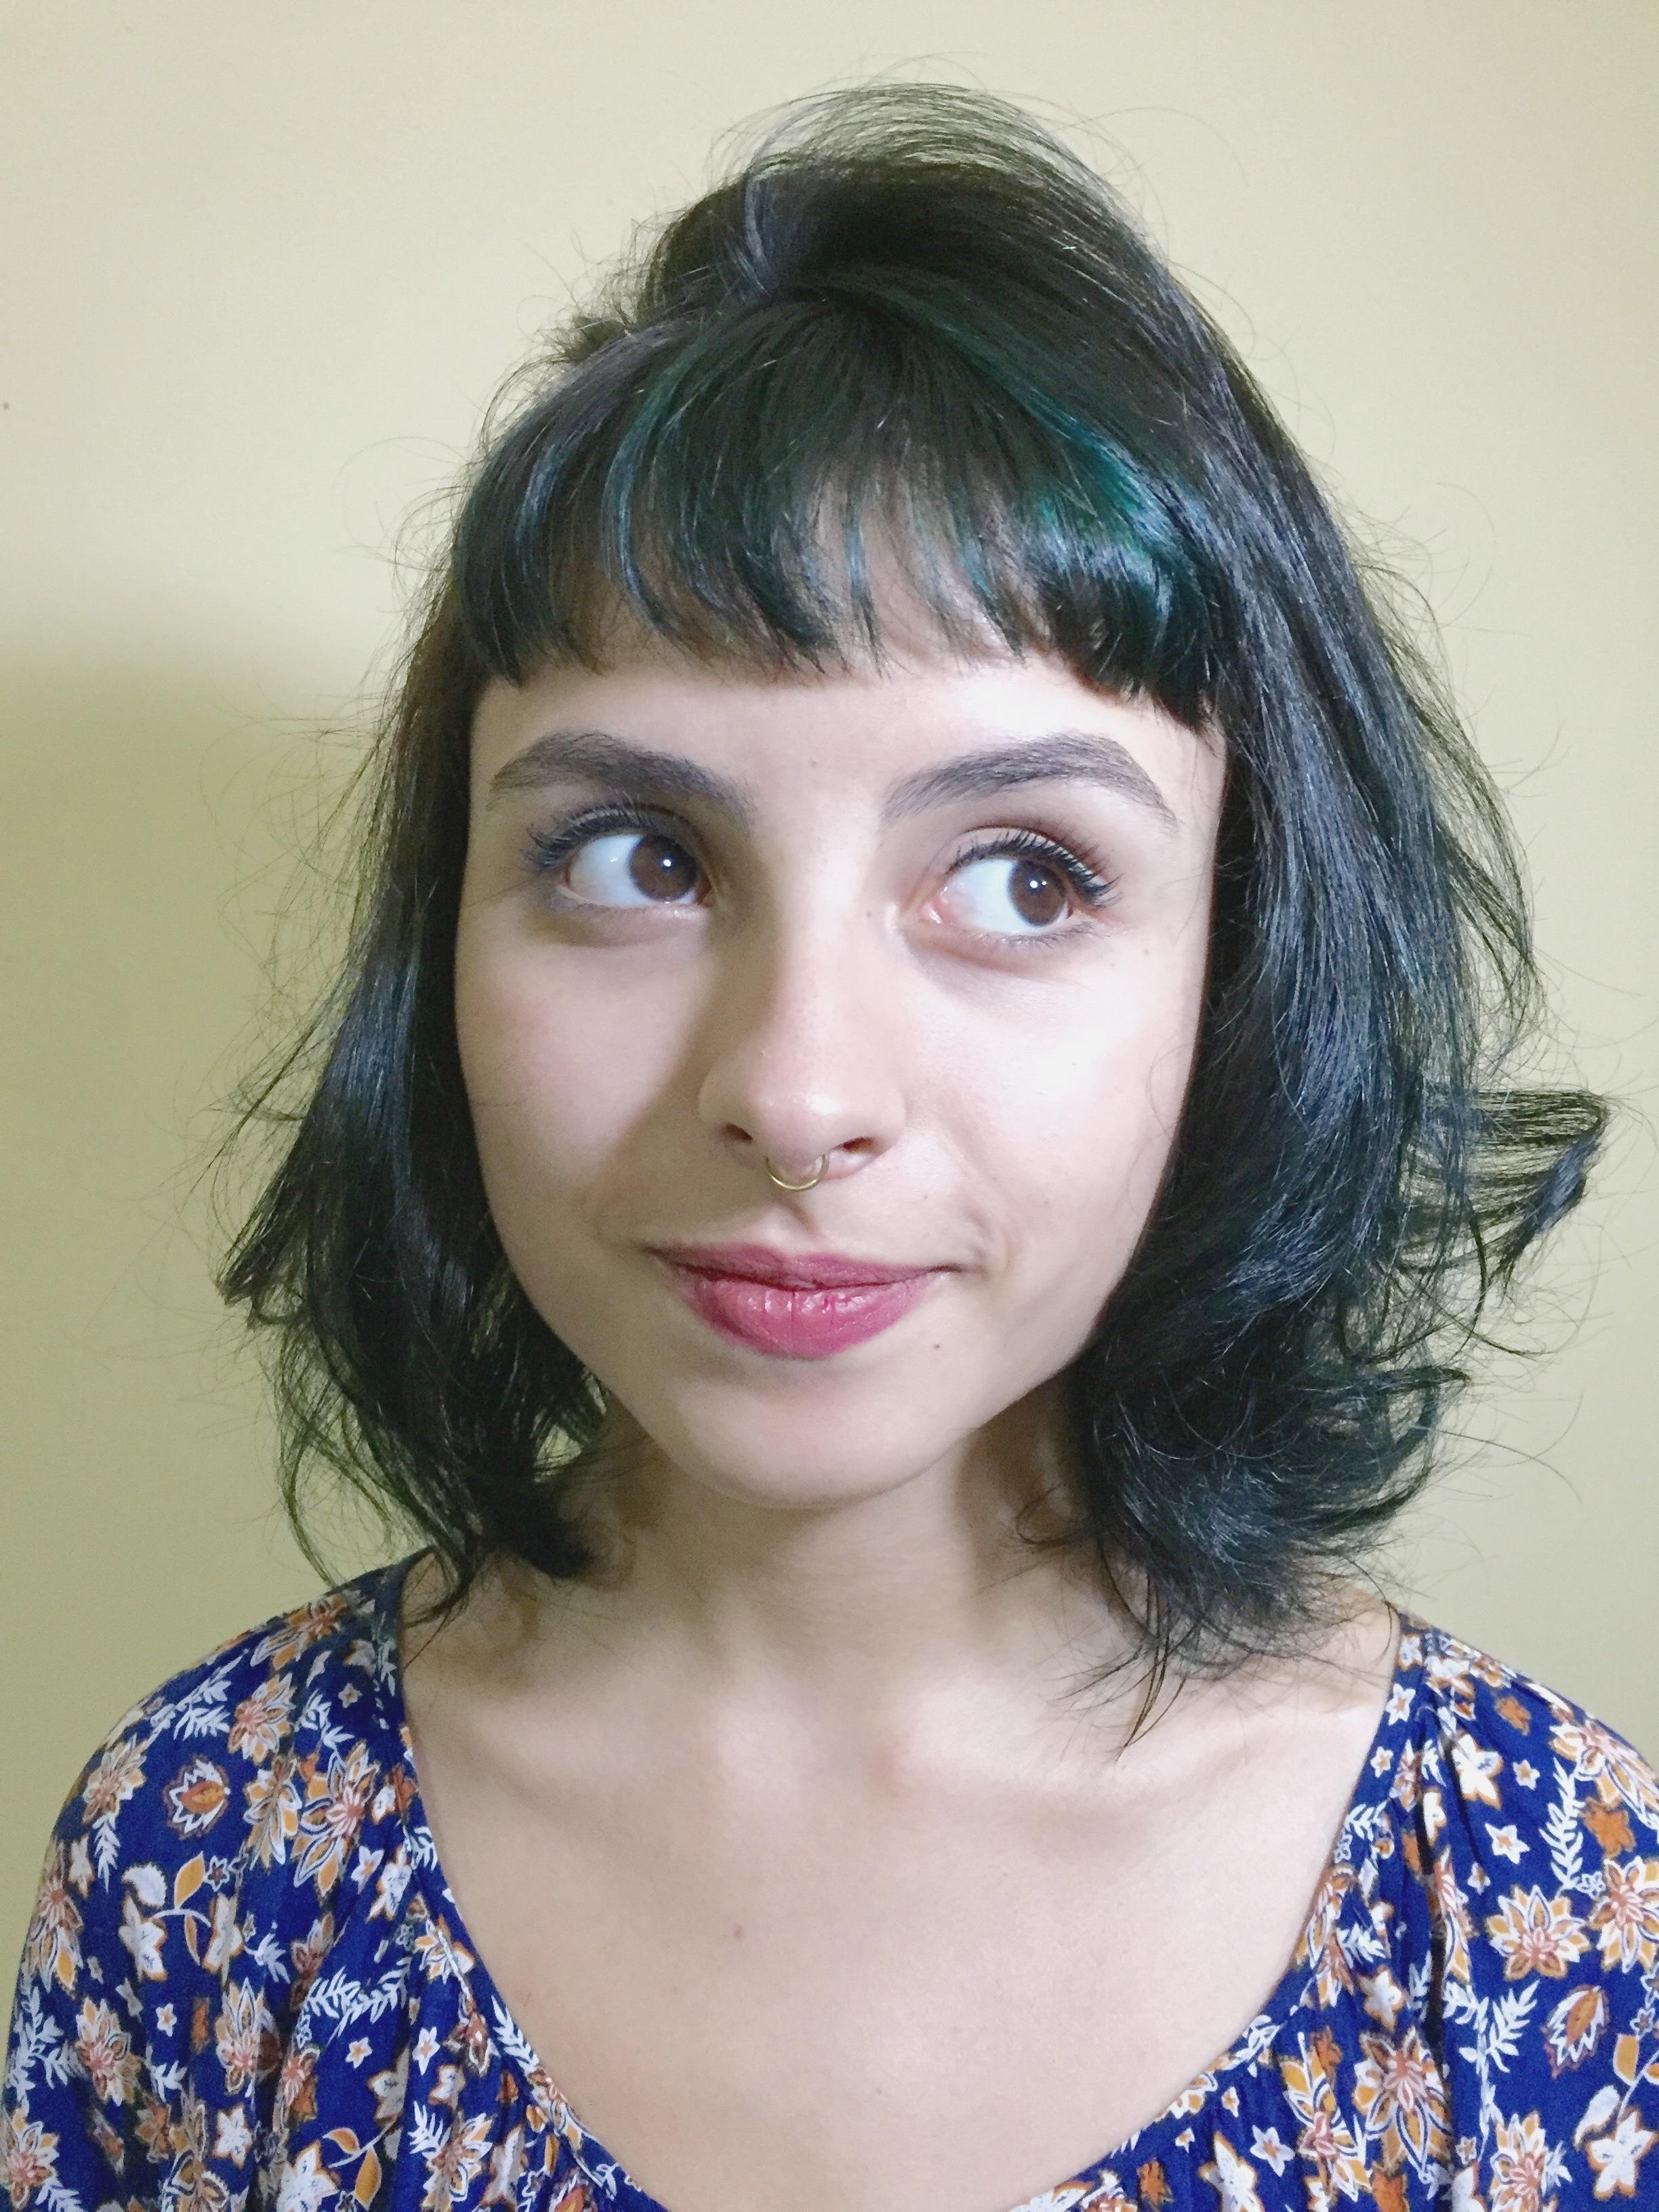 corte curto, franja,  cabelo  cabeleireiro(a) maquiador(a)